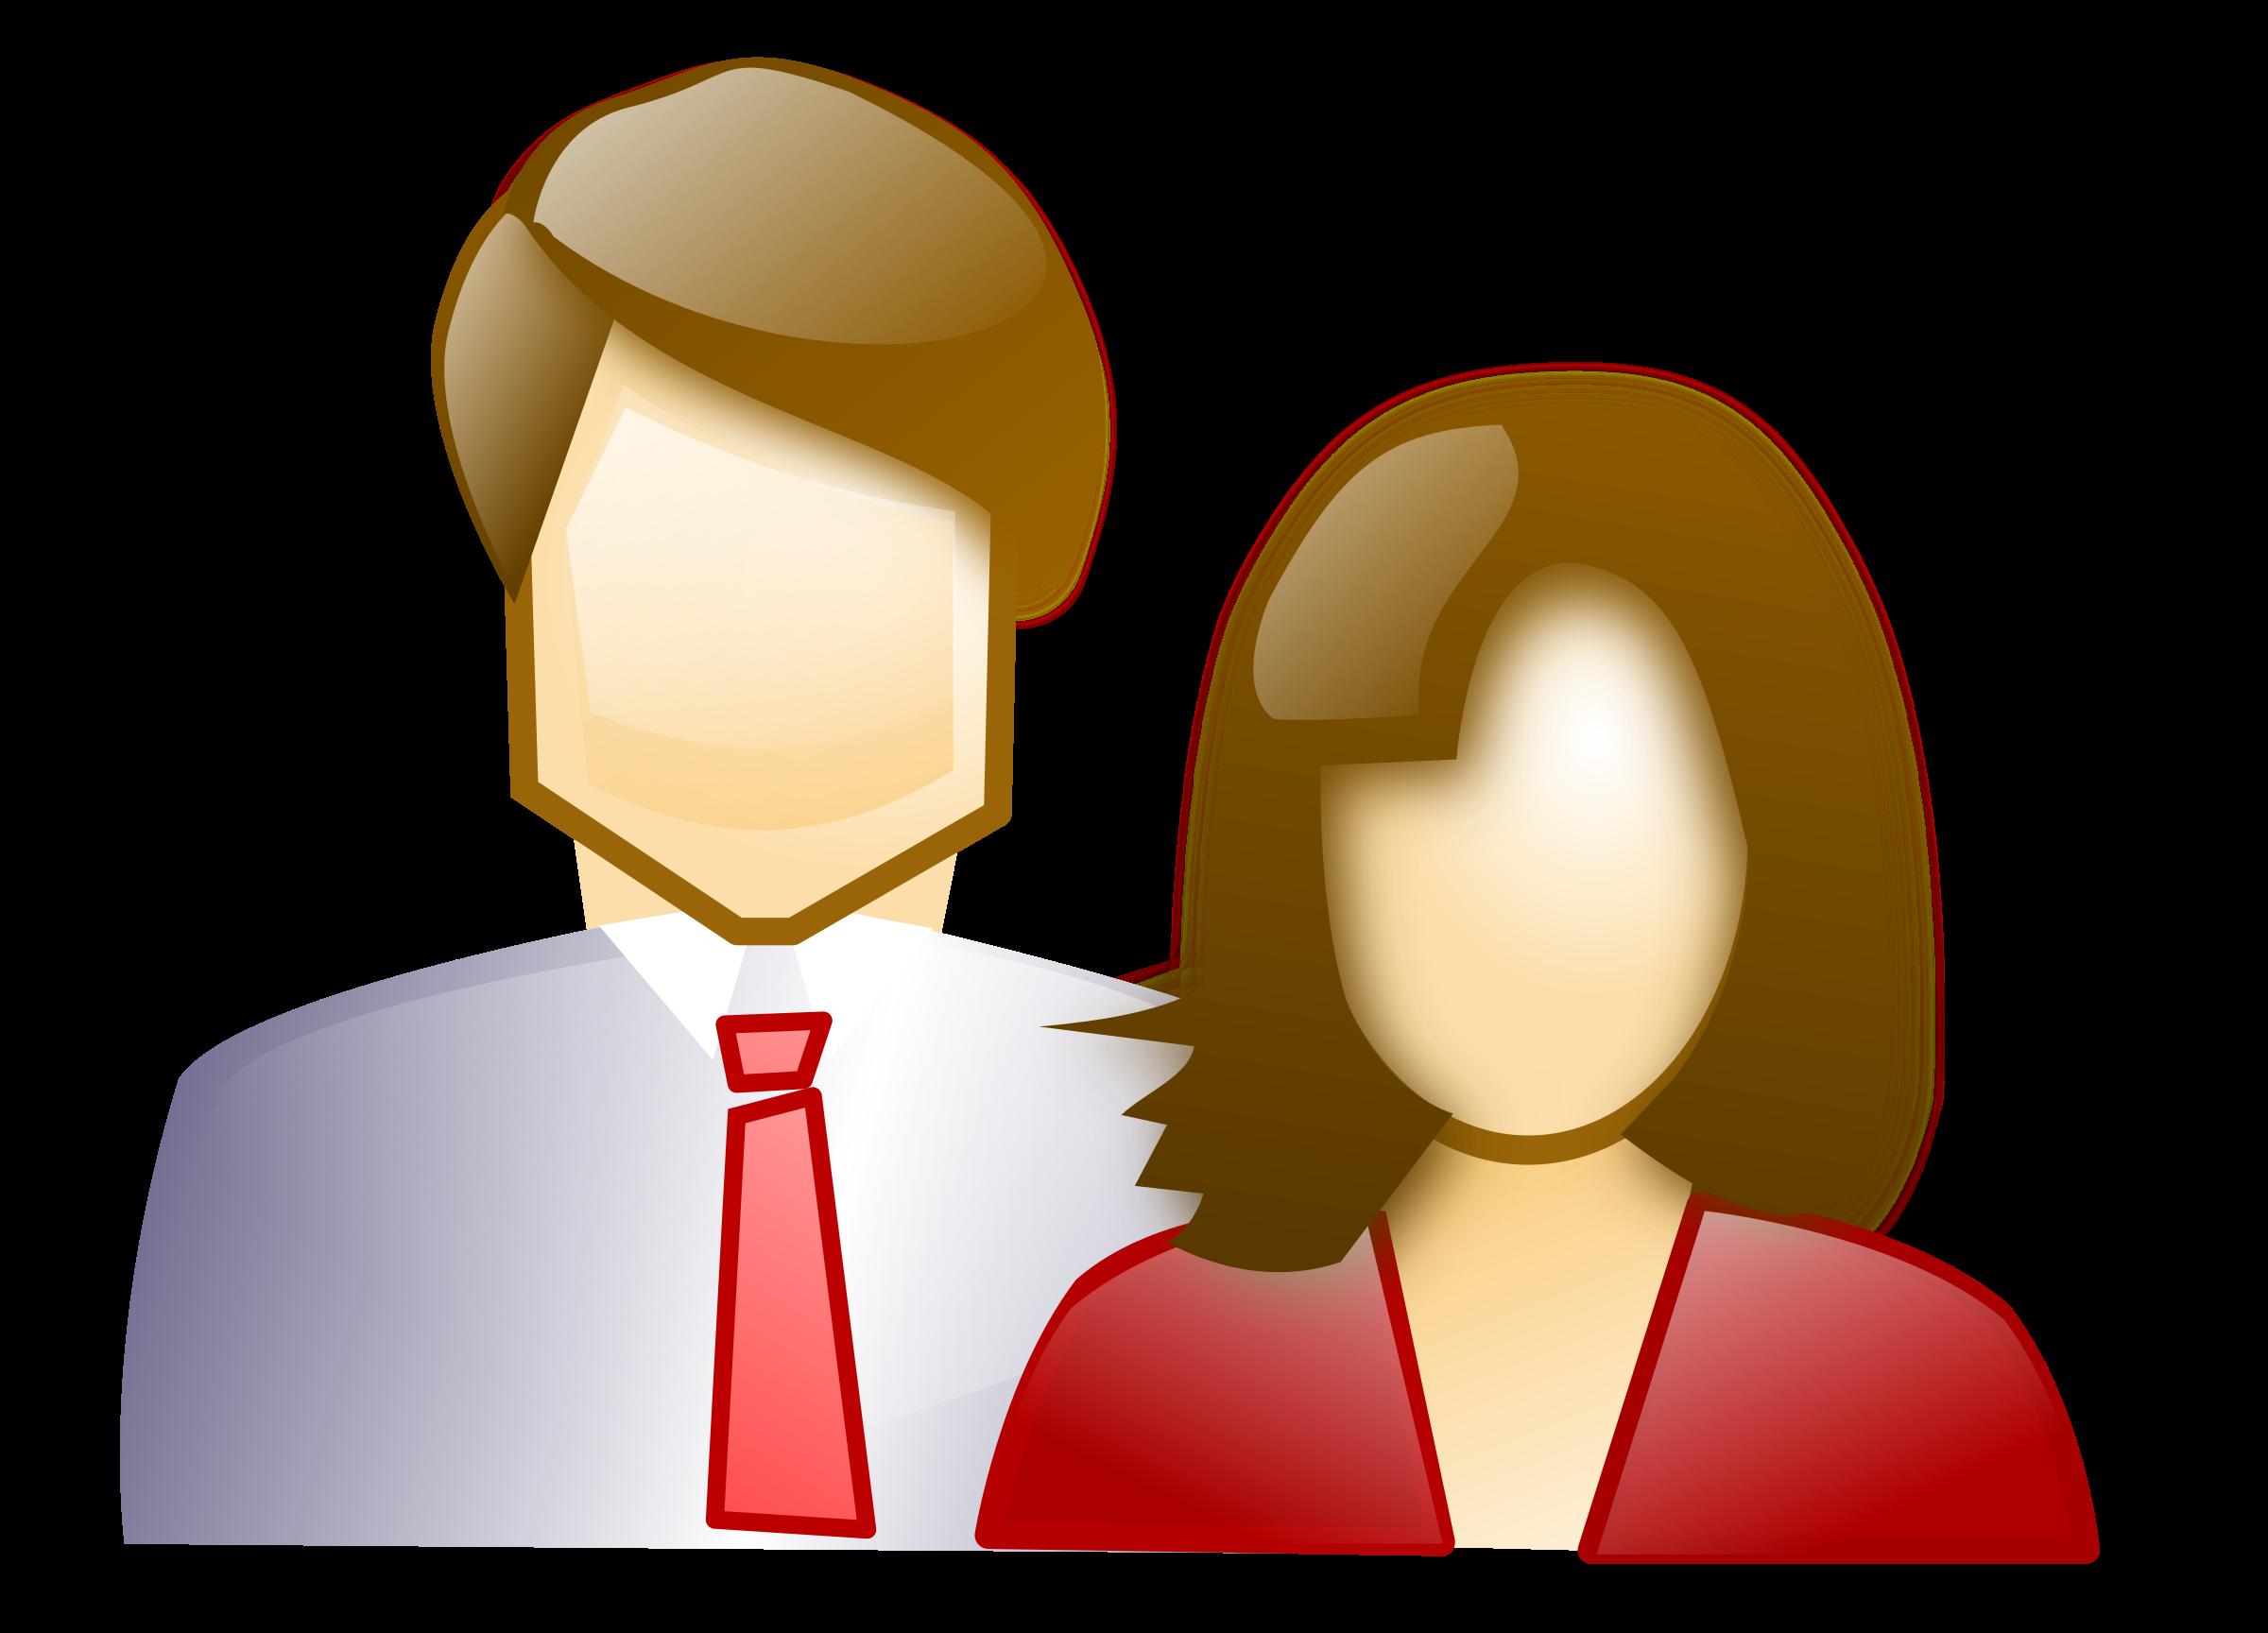 Couple clipart spouse, Couple spouse Transparent FREE for.